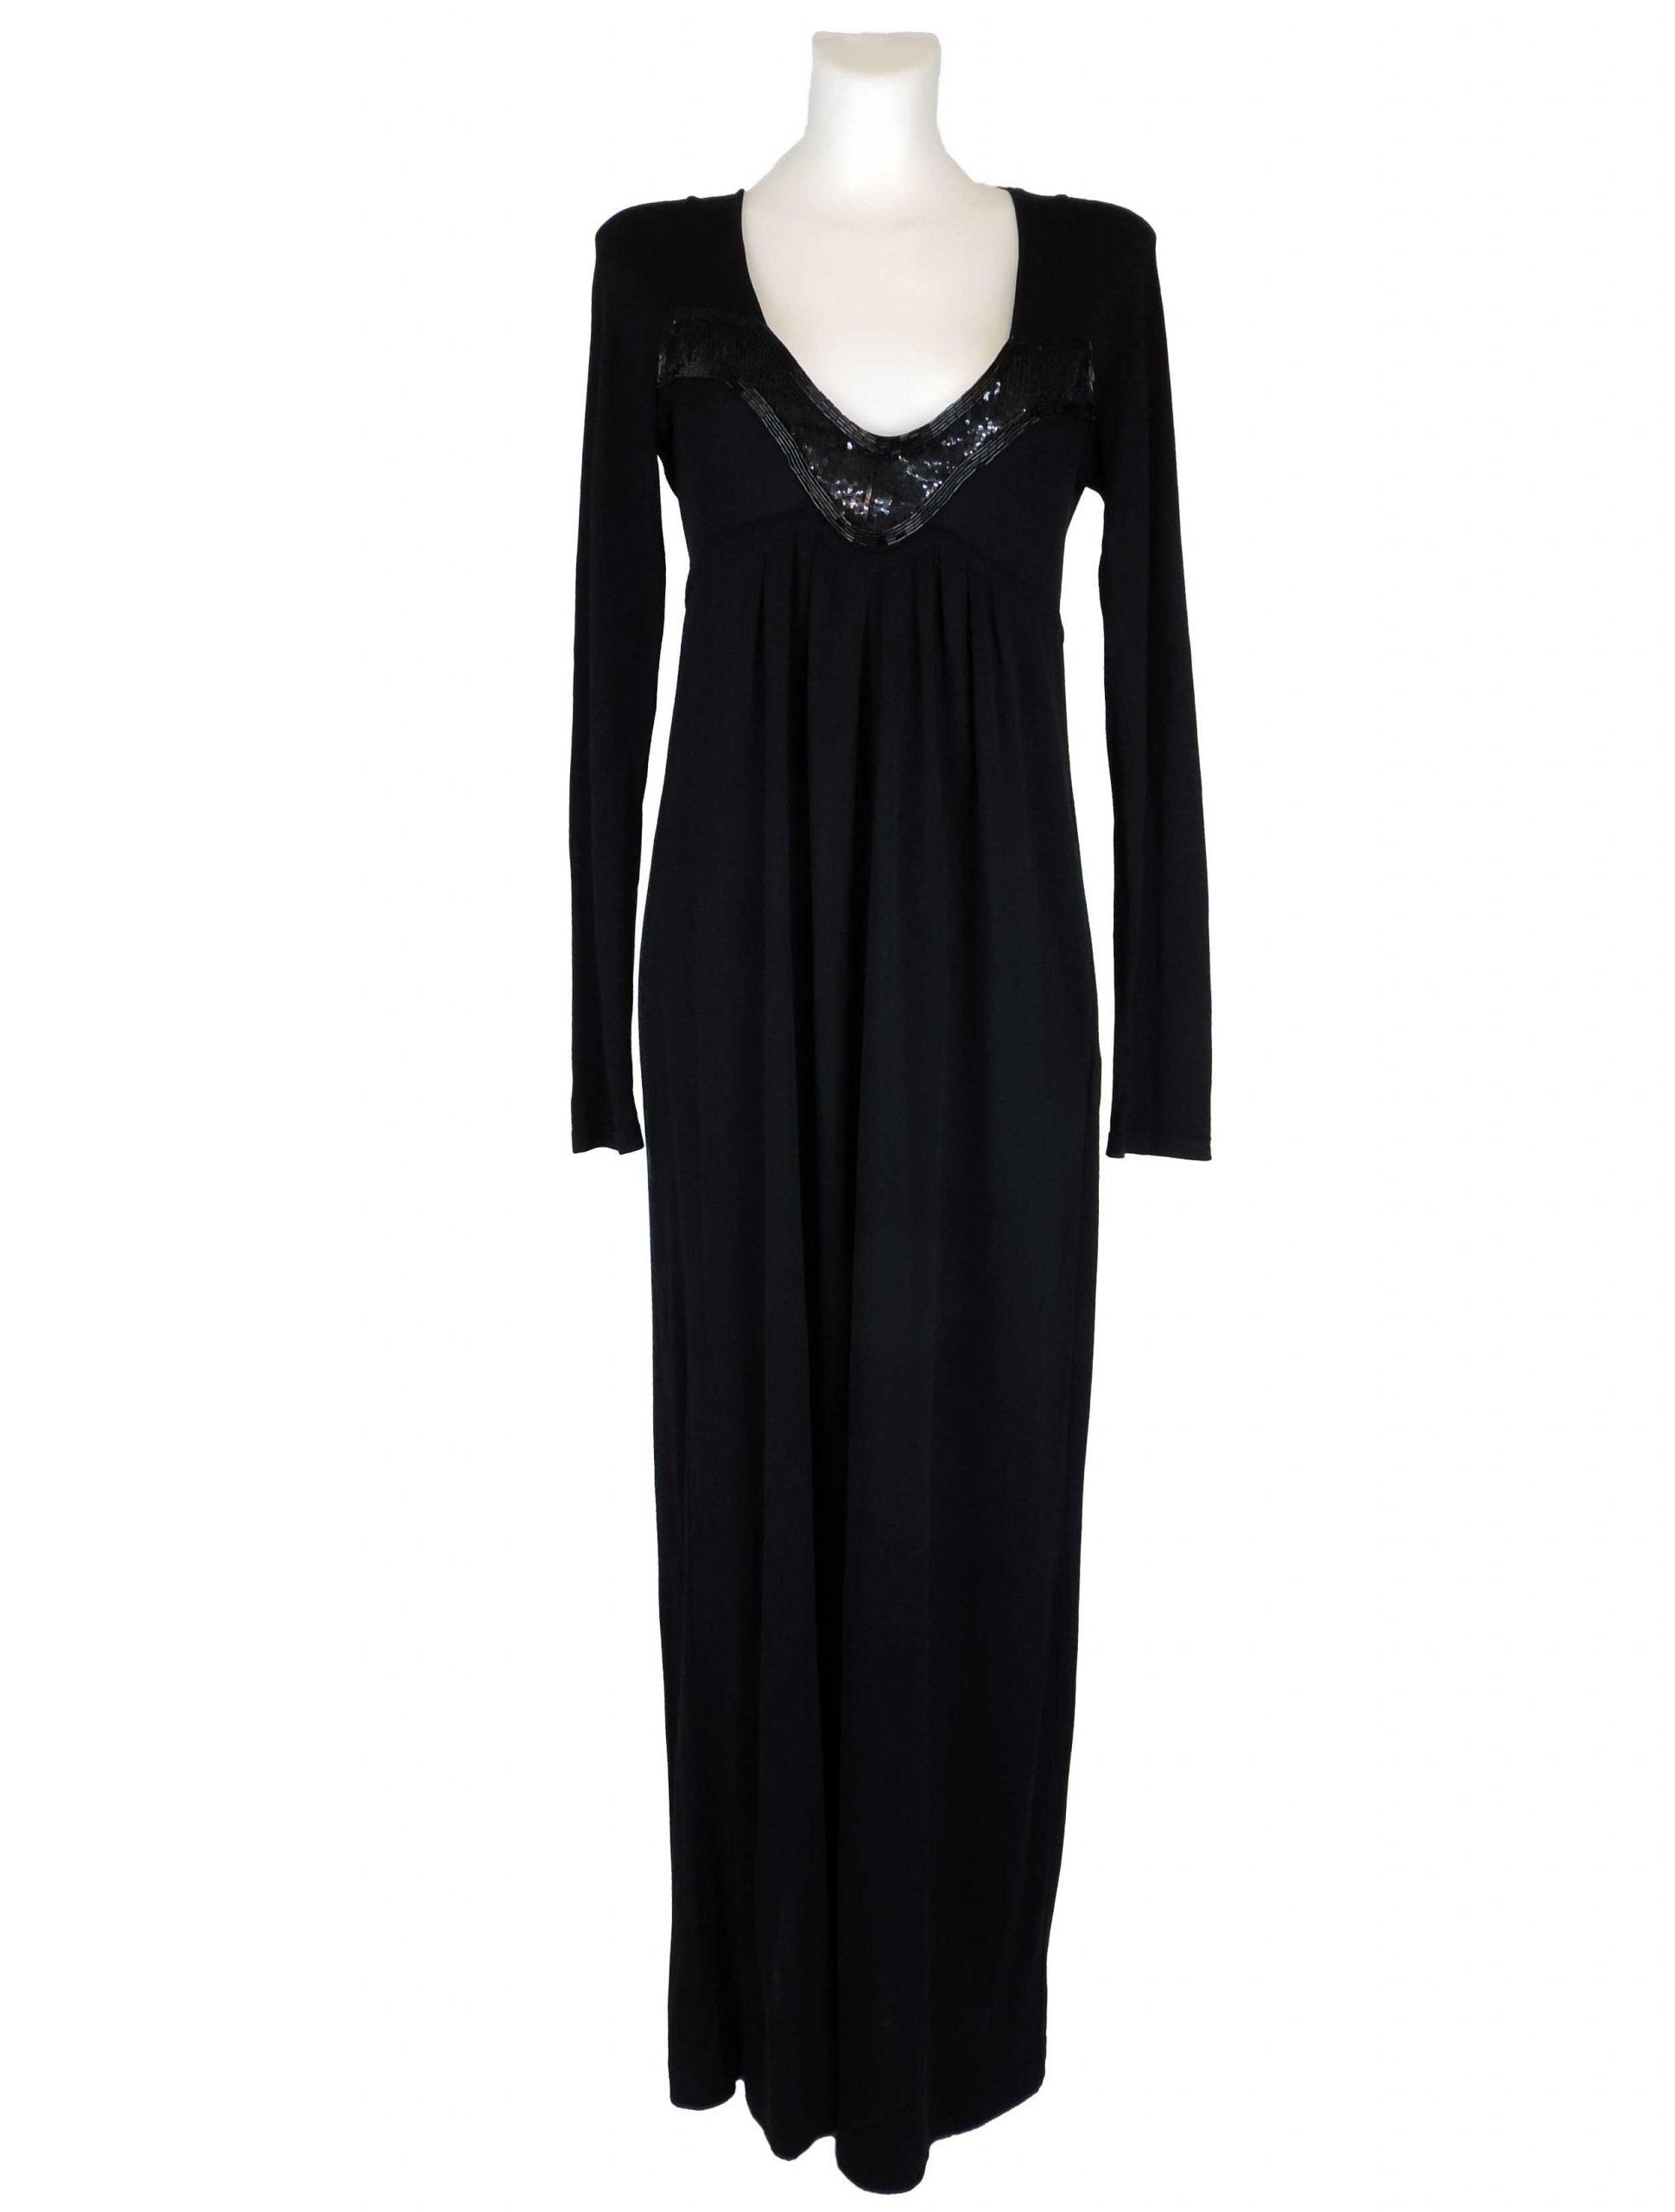 Erstaunlich Luxus Abend Kleid Bester Preis17 Erstaunlich Luxus Abend Kleid Ärmel